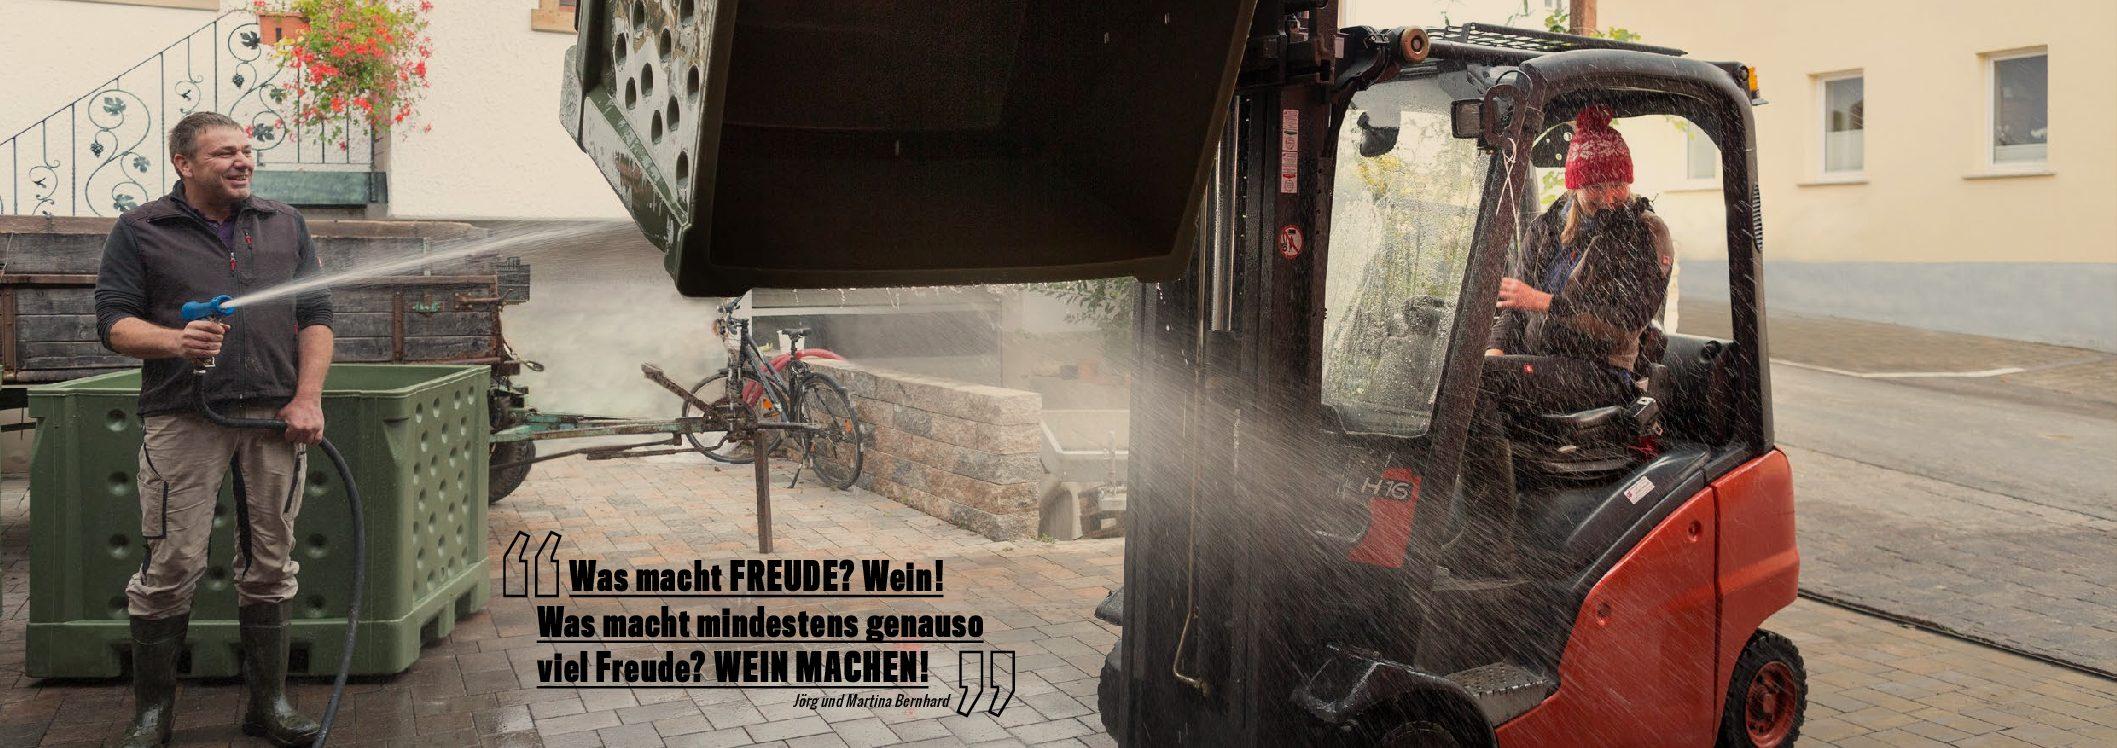 170123-Image-Brosch-Bernhard-A5quer-lay_rs 8